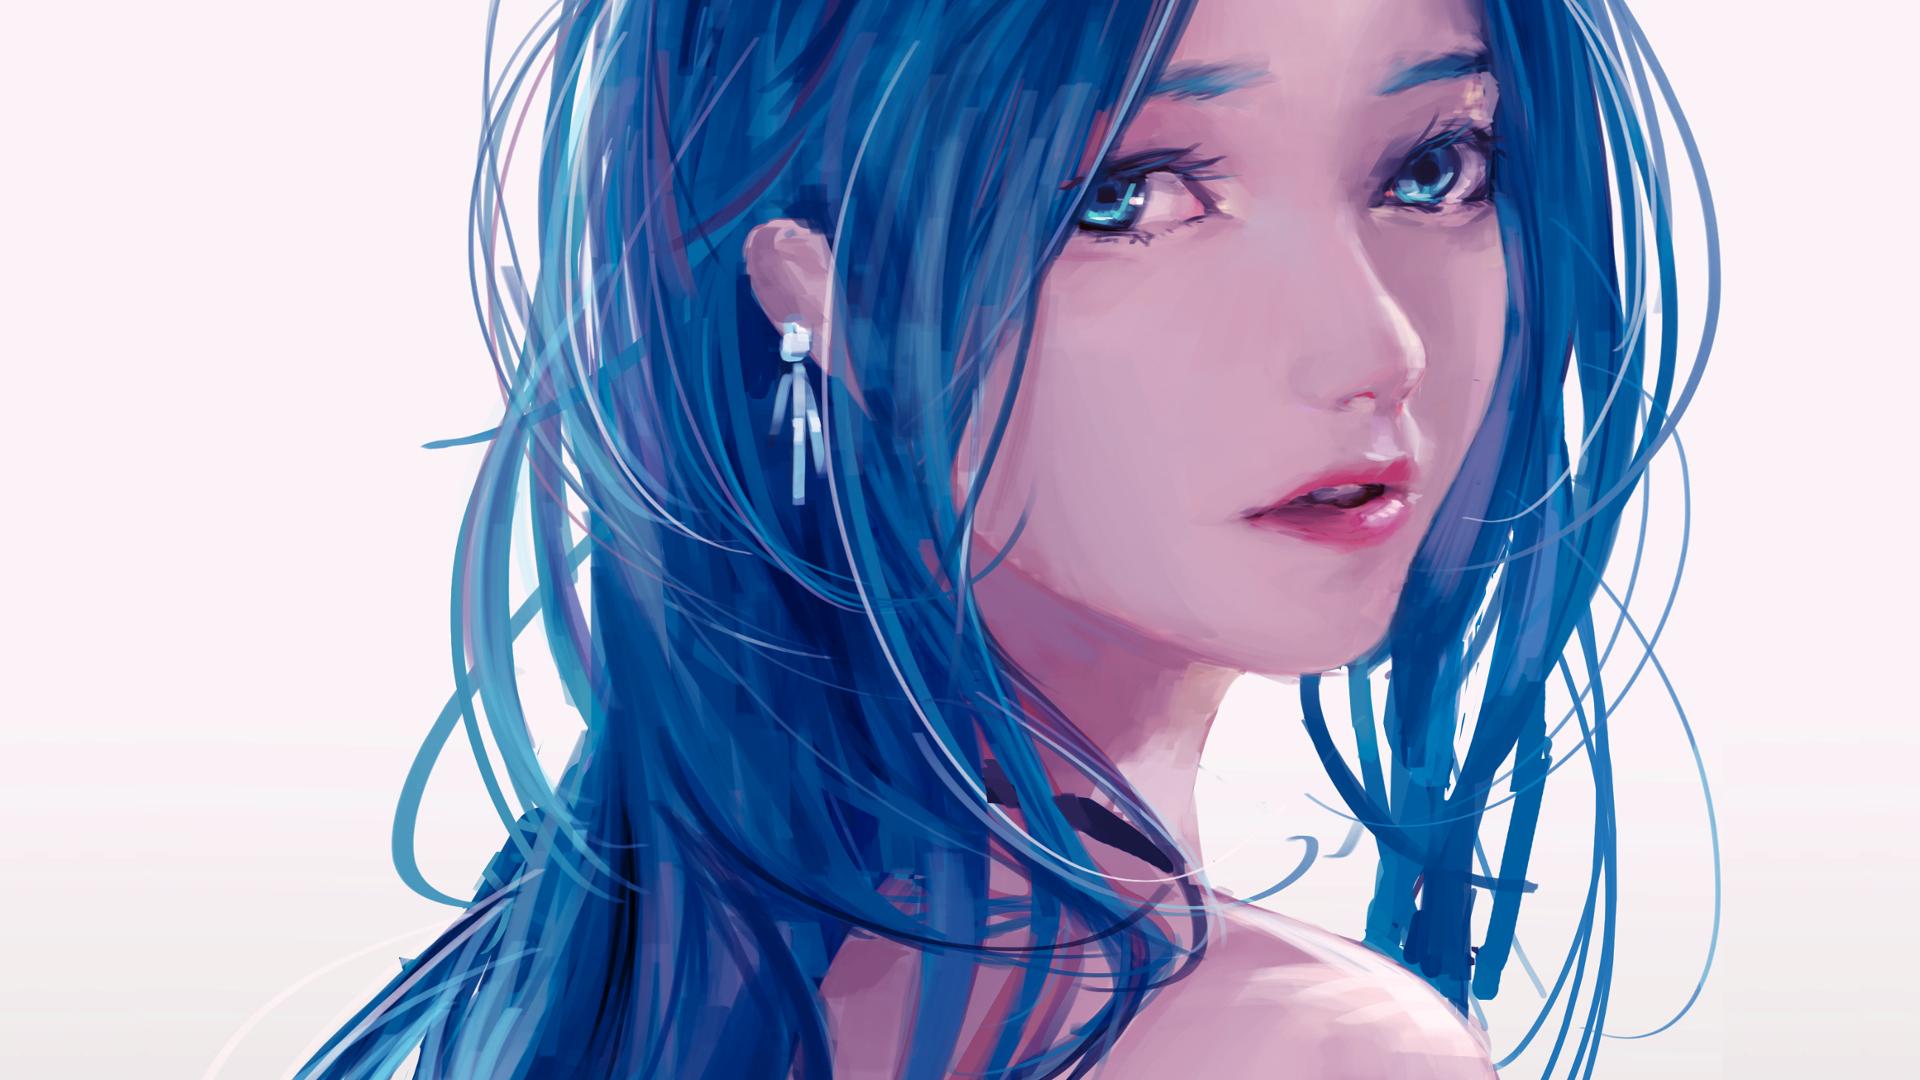 Hintergrundbilder Gesicht Modell Lange Haare Anime Blaue